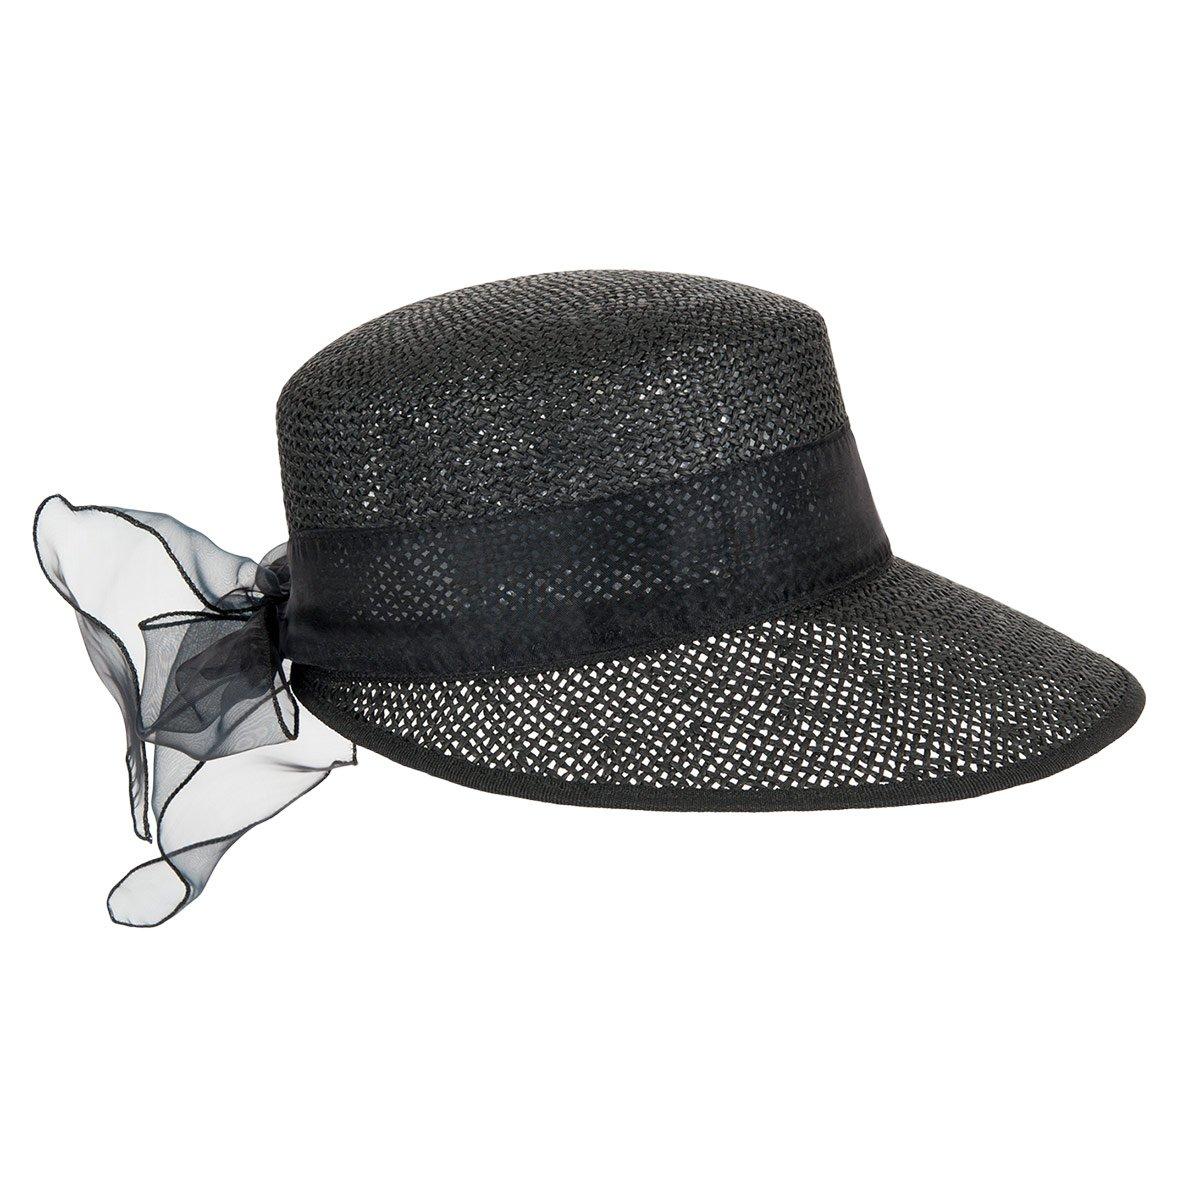 meglio In liquidazione come ordinare Cappello di paglia con visiera larga da donna